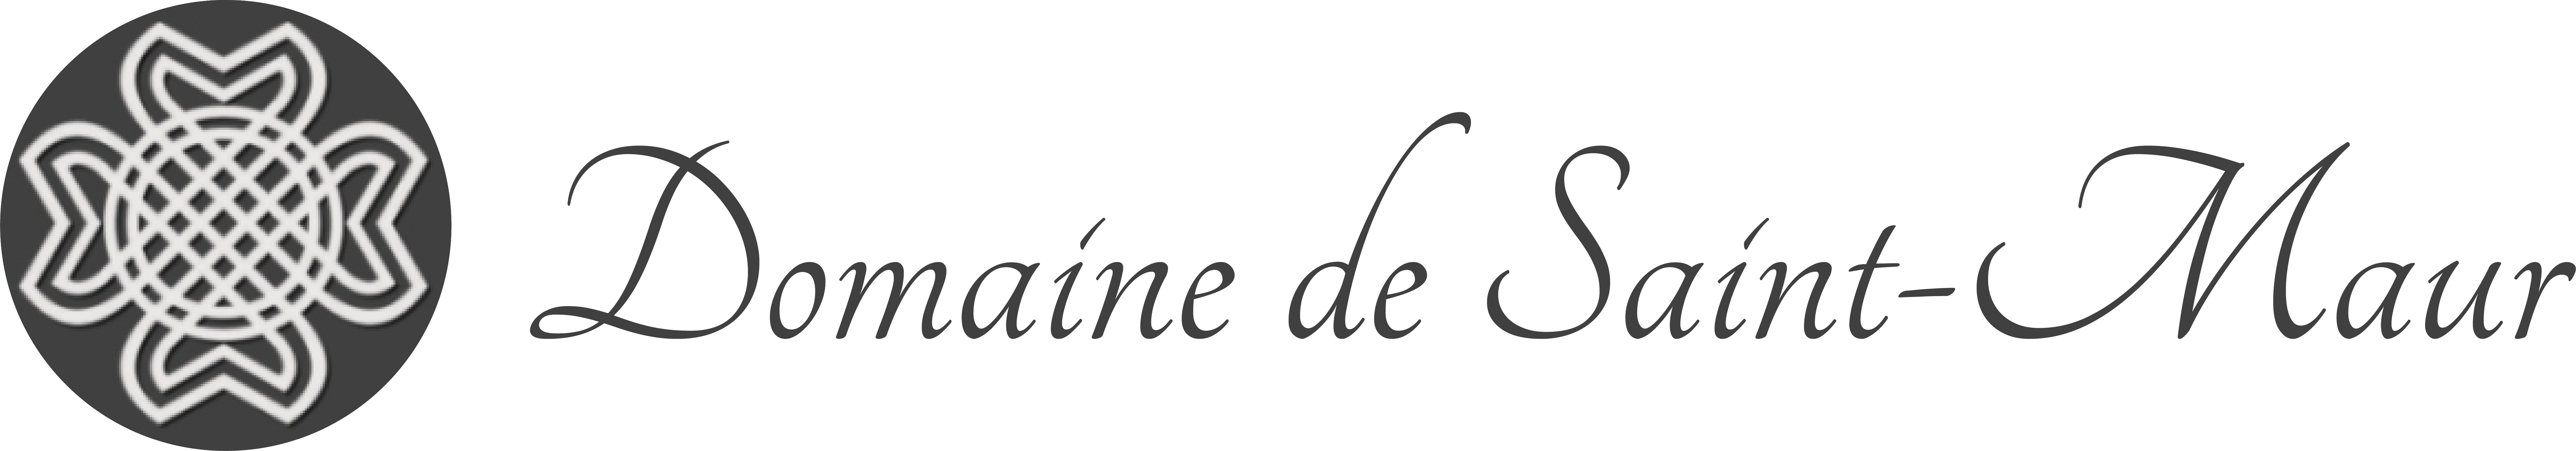 Domaine de Saint-Maur